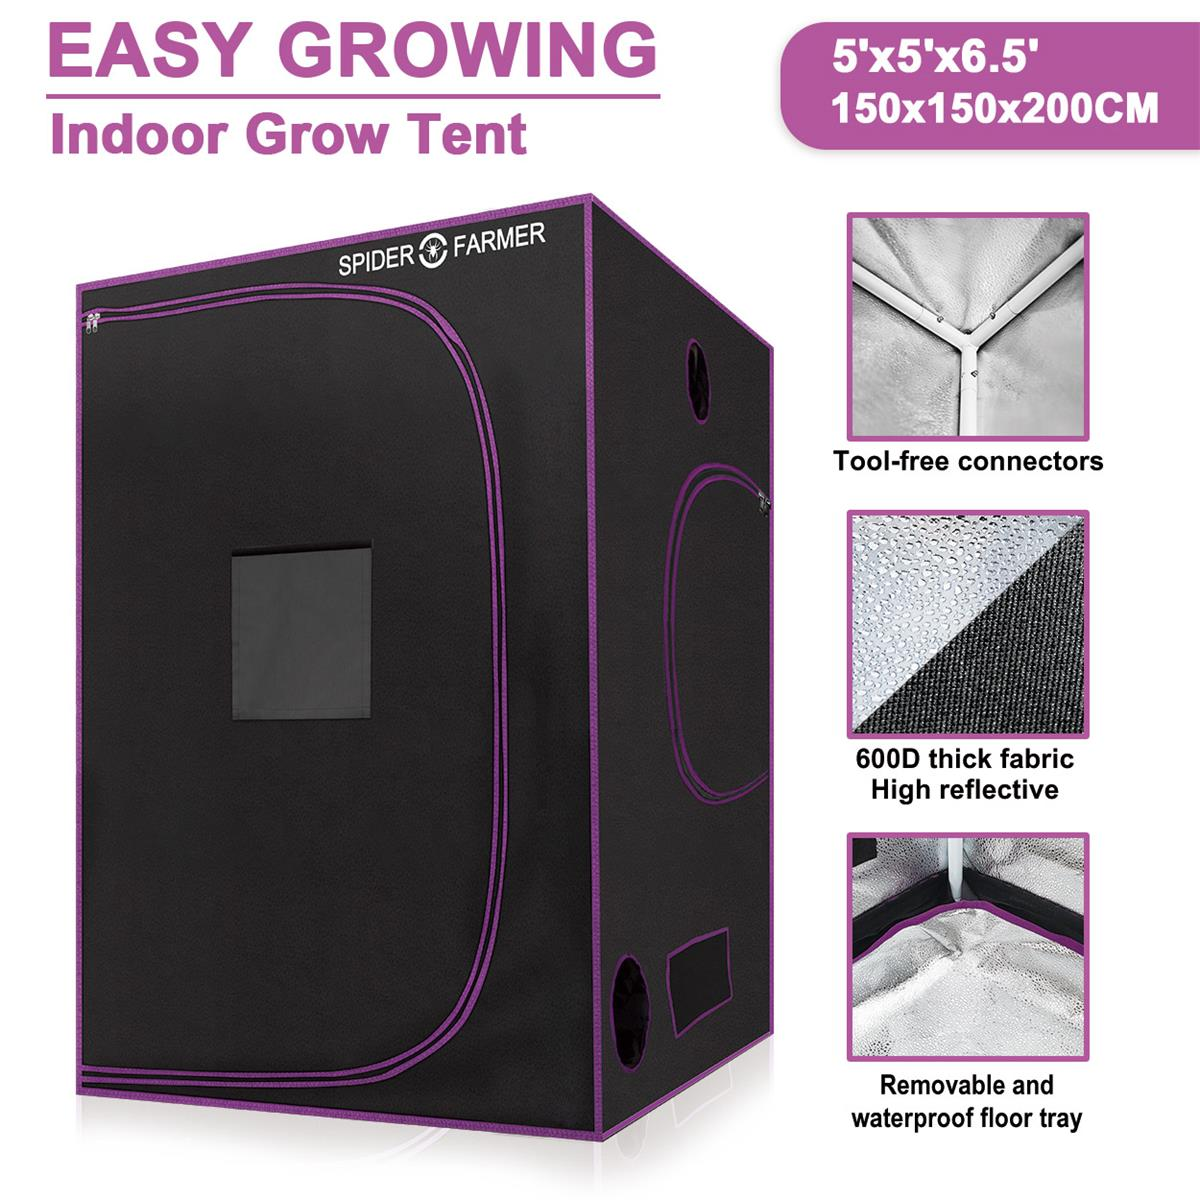 Örümcek çiftçi 5 \'x 5 \'\'150x150x200 cm büyümek çadır kapalı ışık büyümeye yol açtı hidroponik yansıtıcı Oxford su geçirmez malzeme odası kutusu